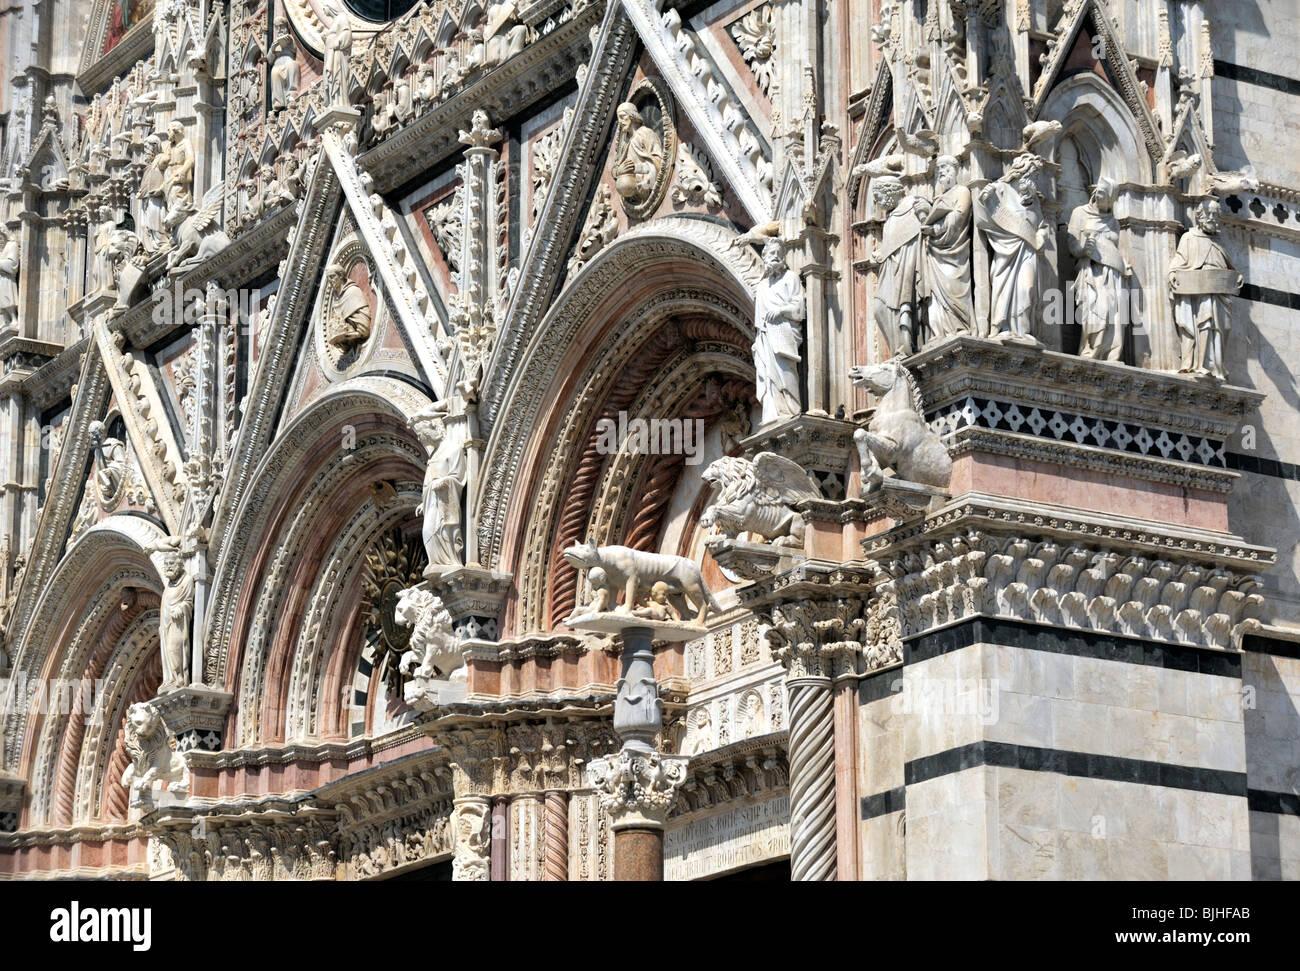 Sienna Kathedrale, Toskana, Italien. Die Candy gestreift Hauptfassade des Doms mit Bestien und aufwendigen Schnitzereien Stockbild